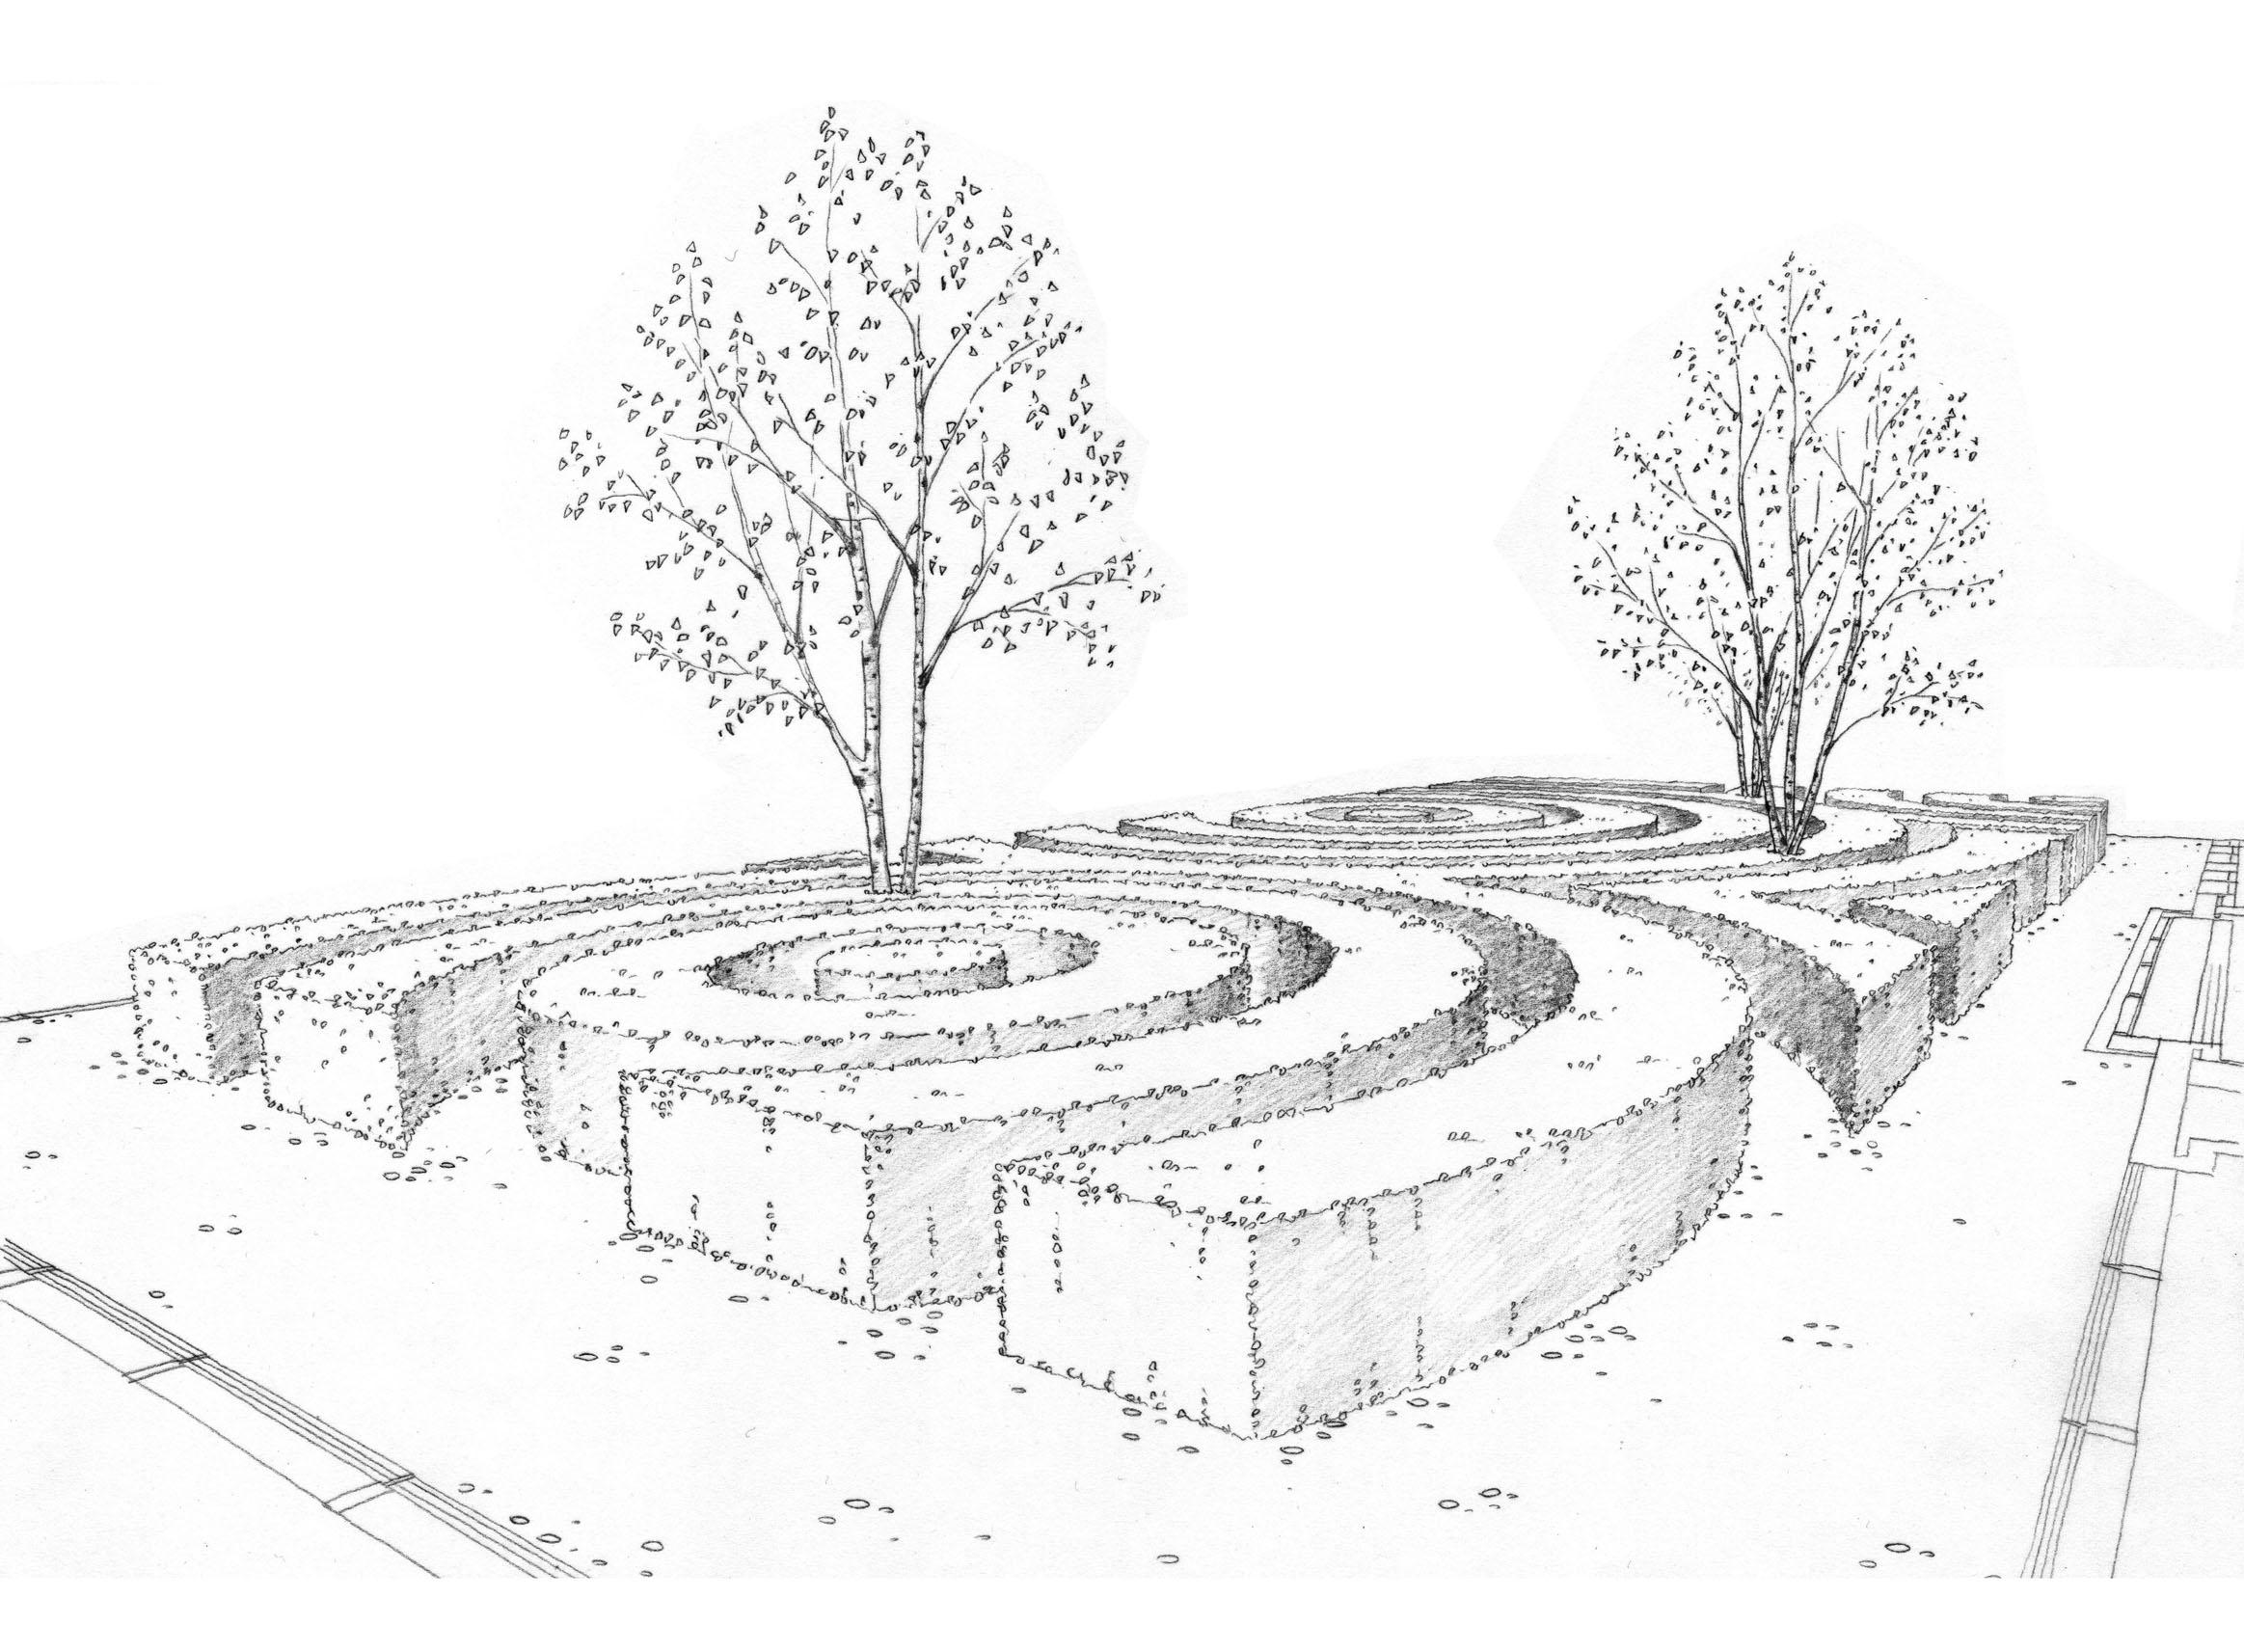 2327x1713 Landscape Drawings Painting Ideas Landscape